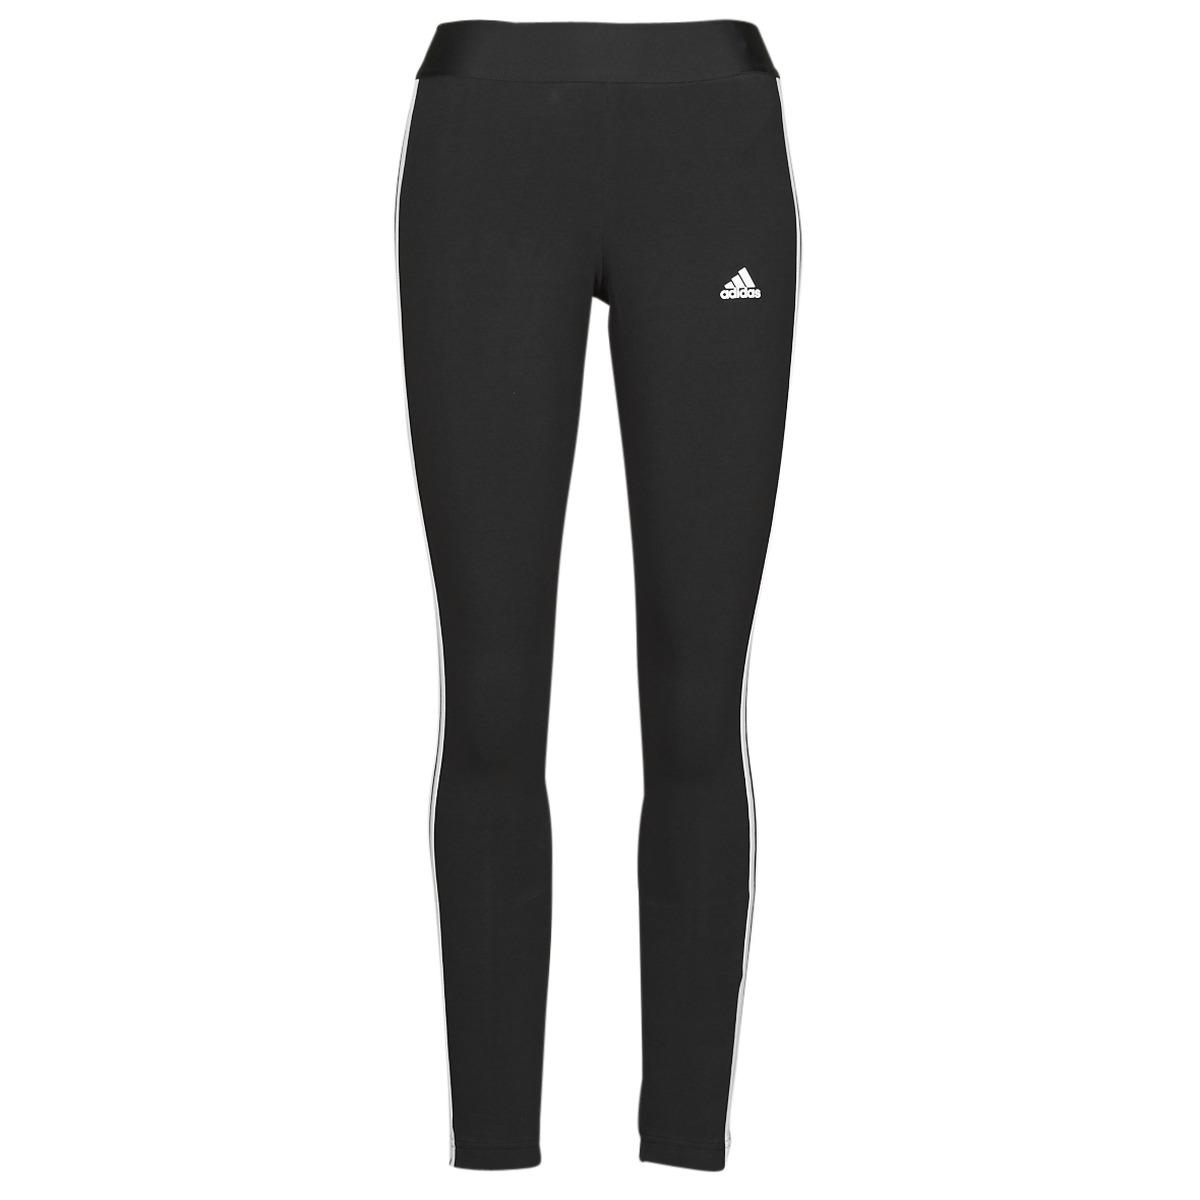 Levně adidas Legíny / Punčochové kalhoty W 3S LEG Černá